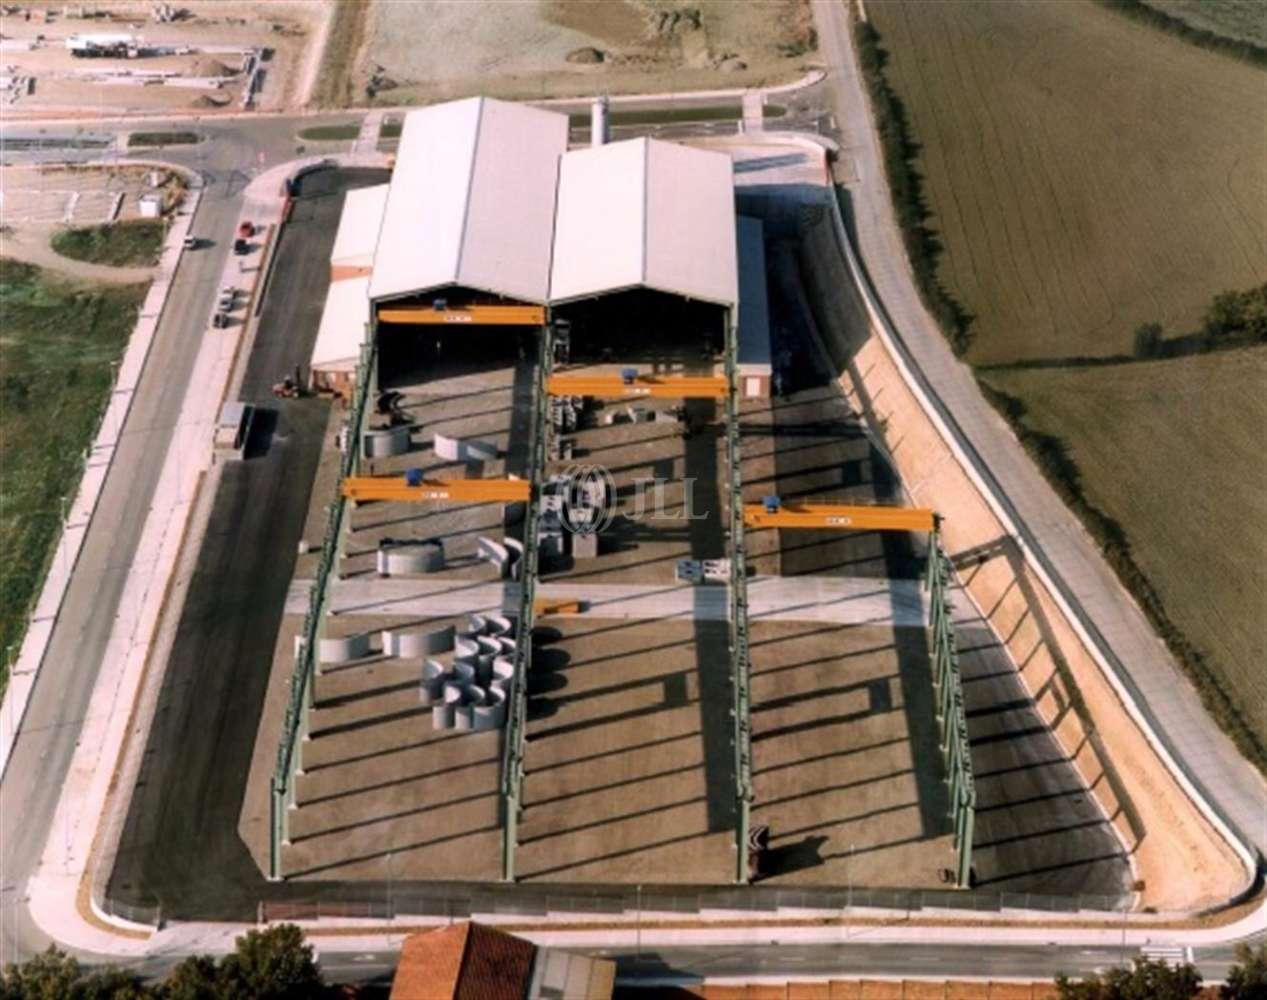 Naves industriales y logísticas Calaf, 08280 - Nave Industrial - B0529 NAVE INDUSTRIAL EN VENTA LES GARRIGUES - CALAF